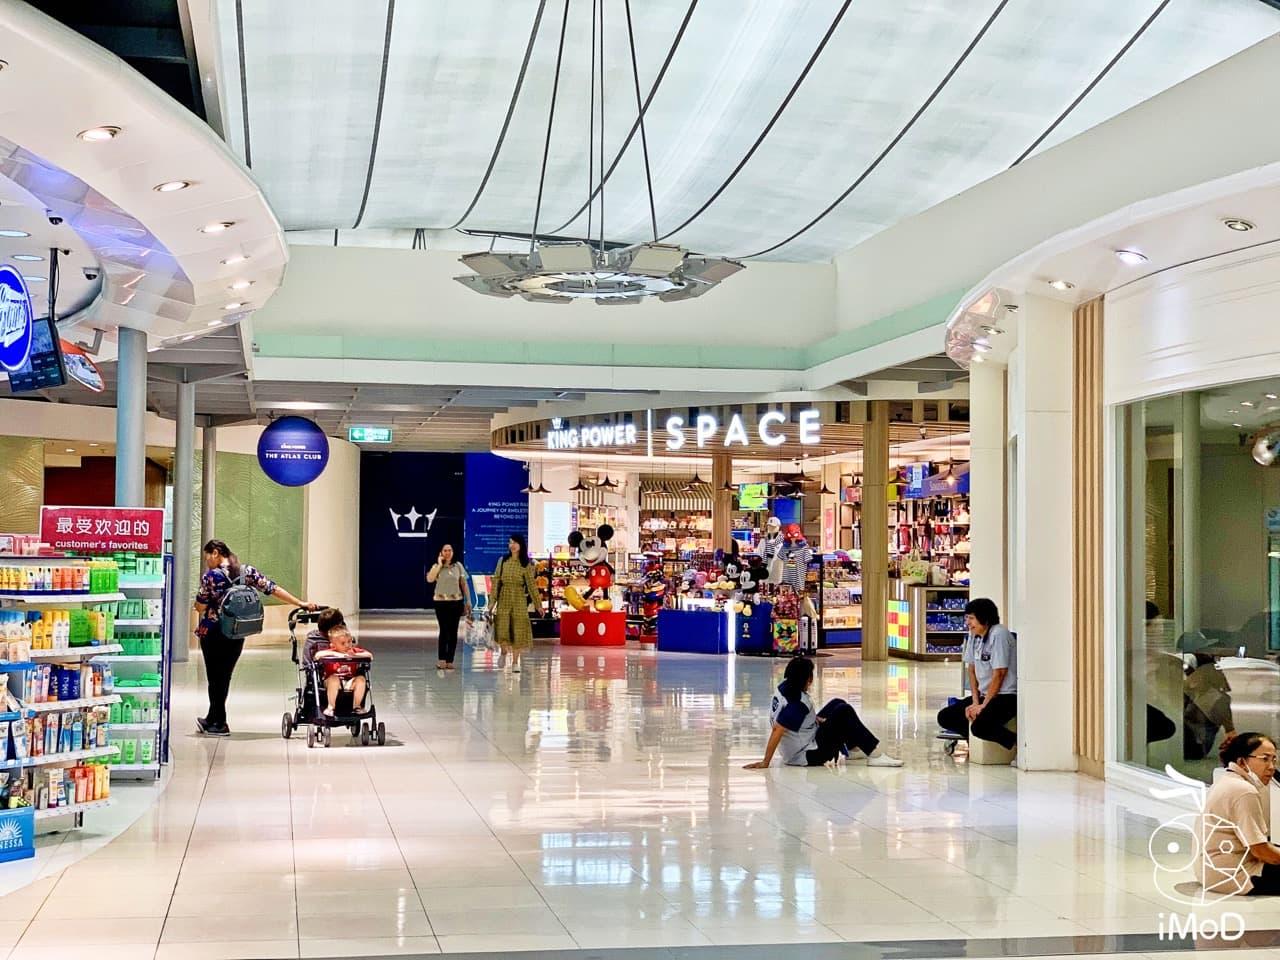 King Power Space Suvannabhum Airport 15